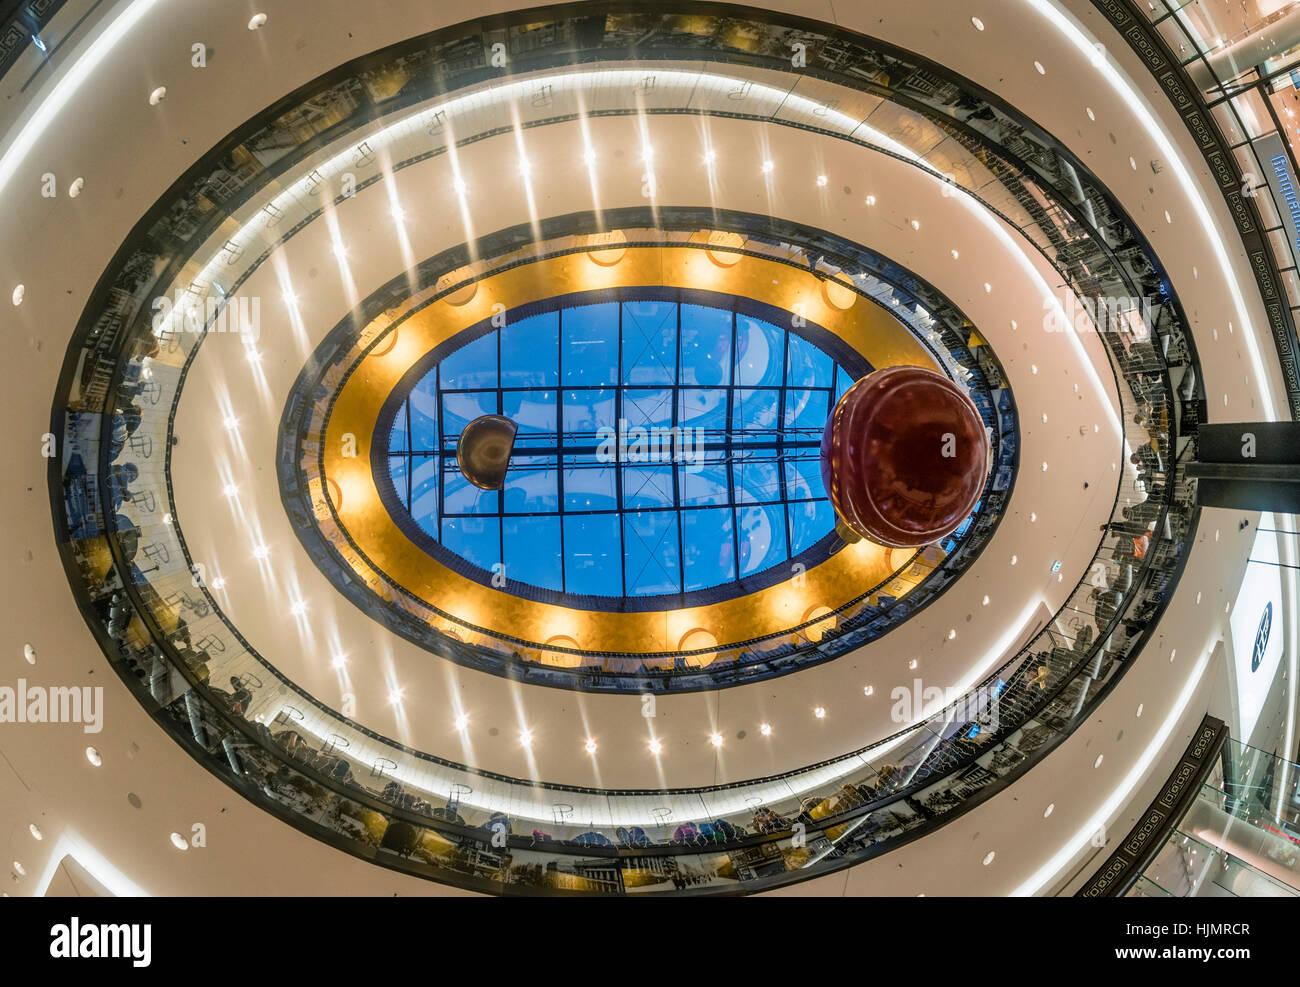 Das Einkaufszentrum Berlin, Decke, Atrium, moderne Architektur, Interieur, Shopping, Berlin Stockbild